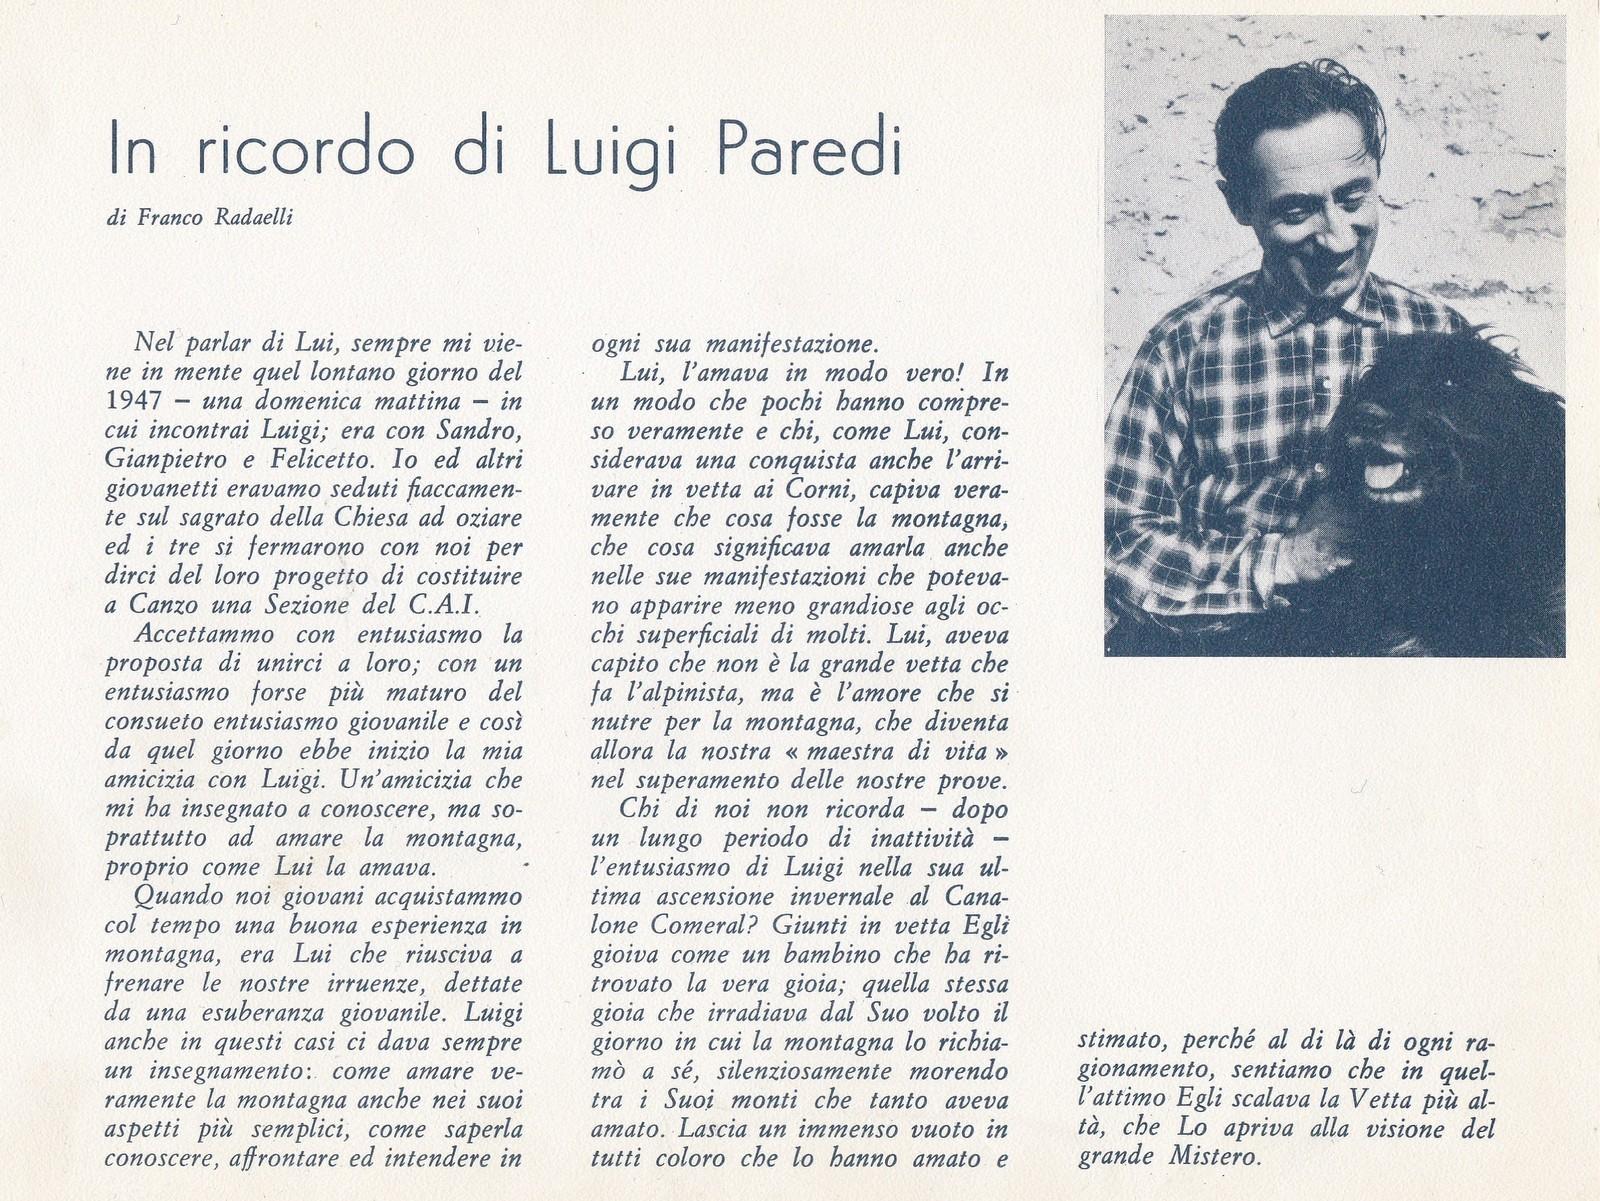 In ricordo di Luigi Paredi